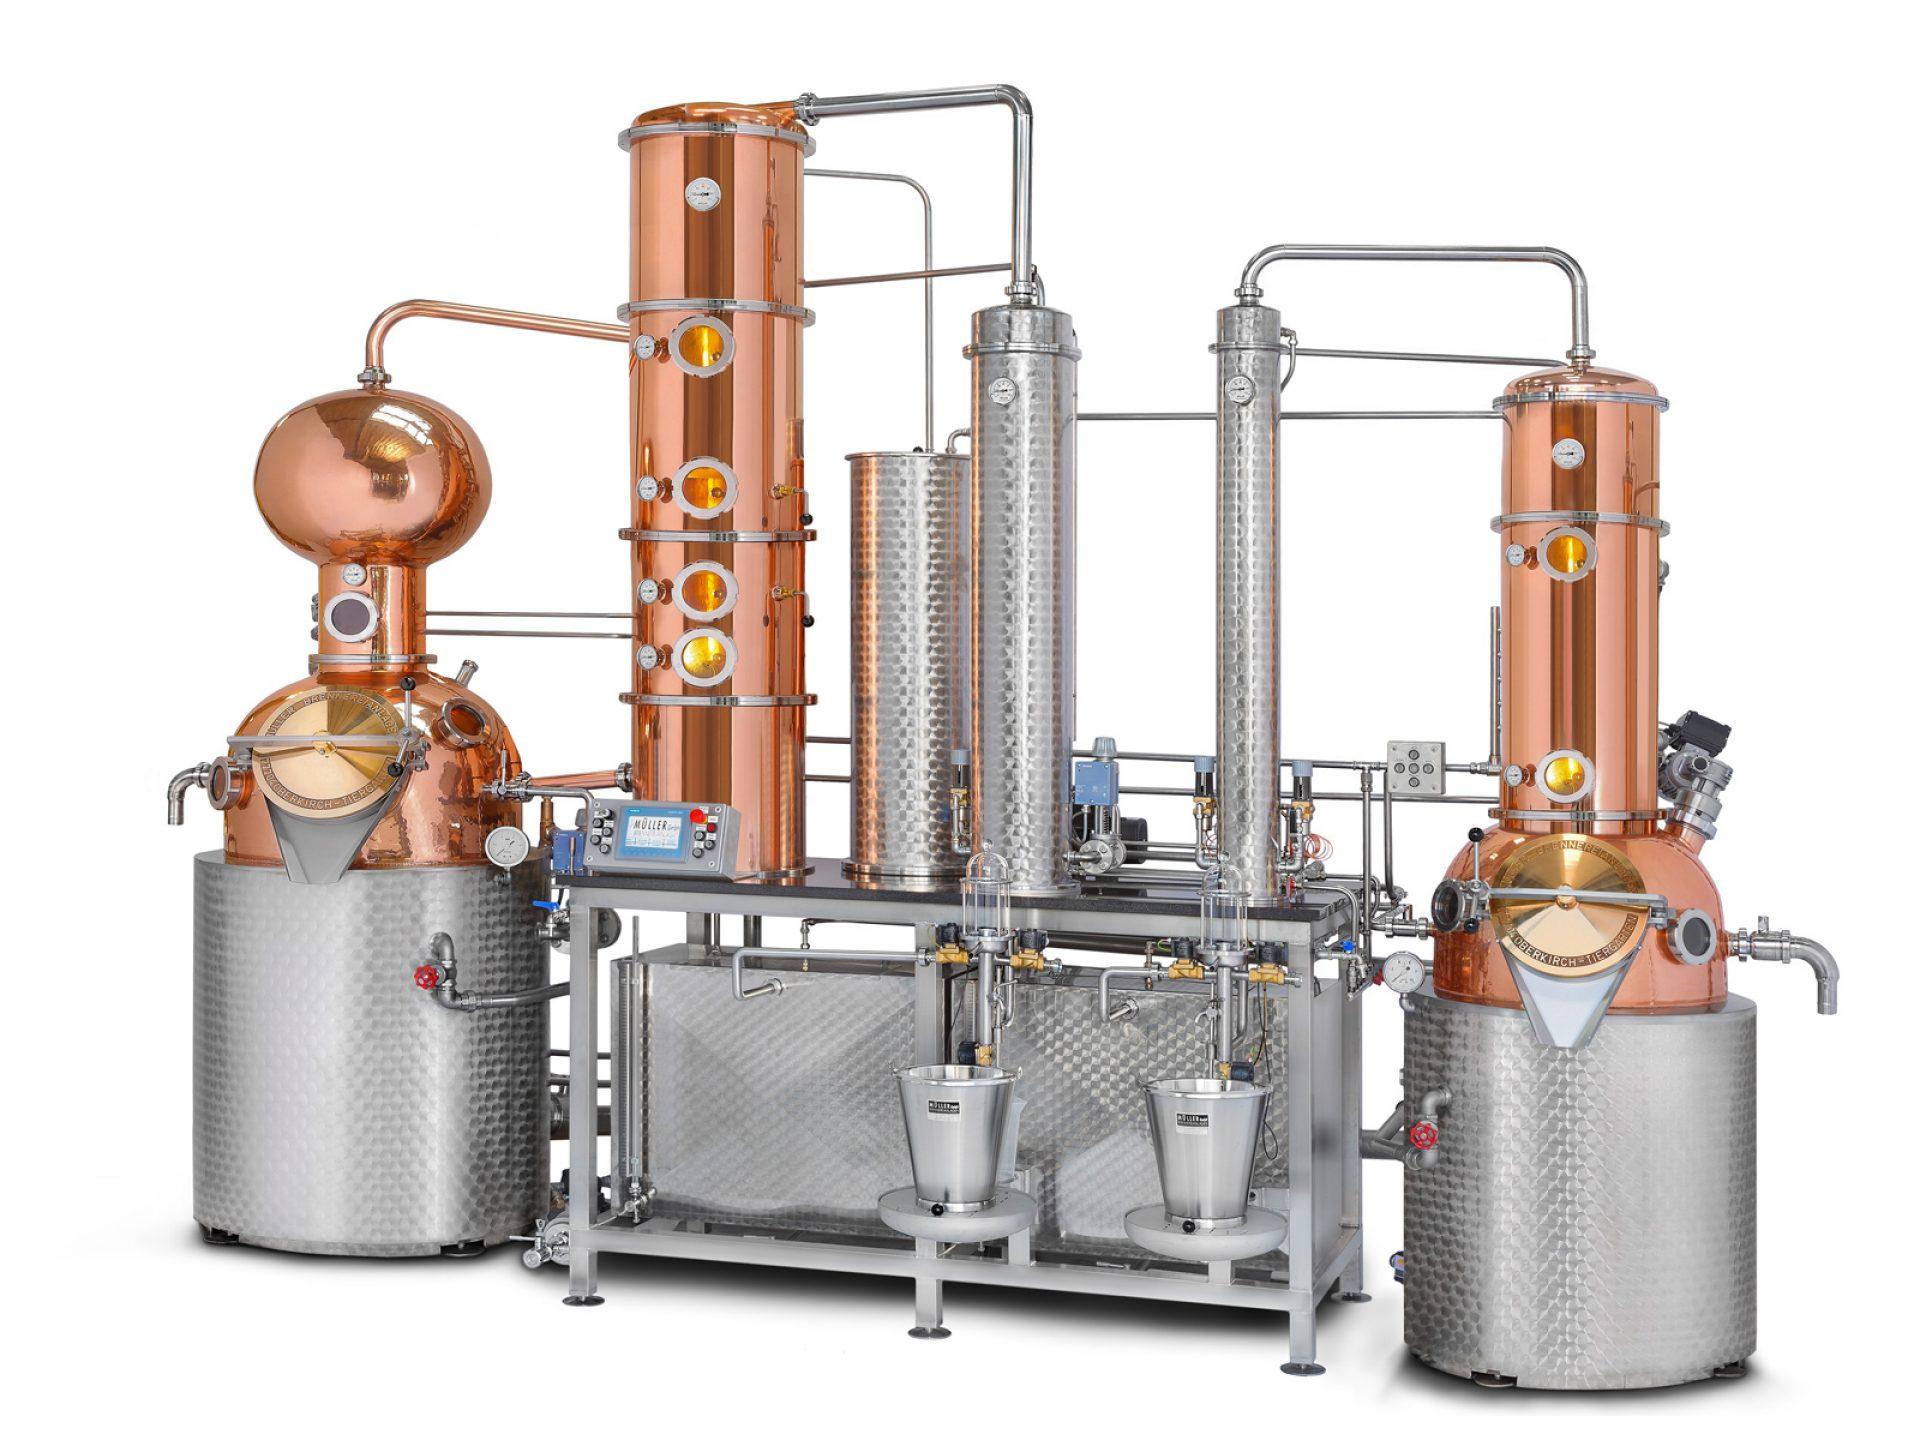 mueller-brennereianlagen-aroma-compact-doppelanlage-02